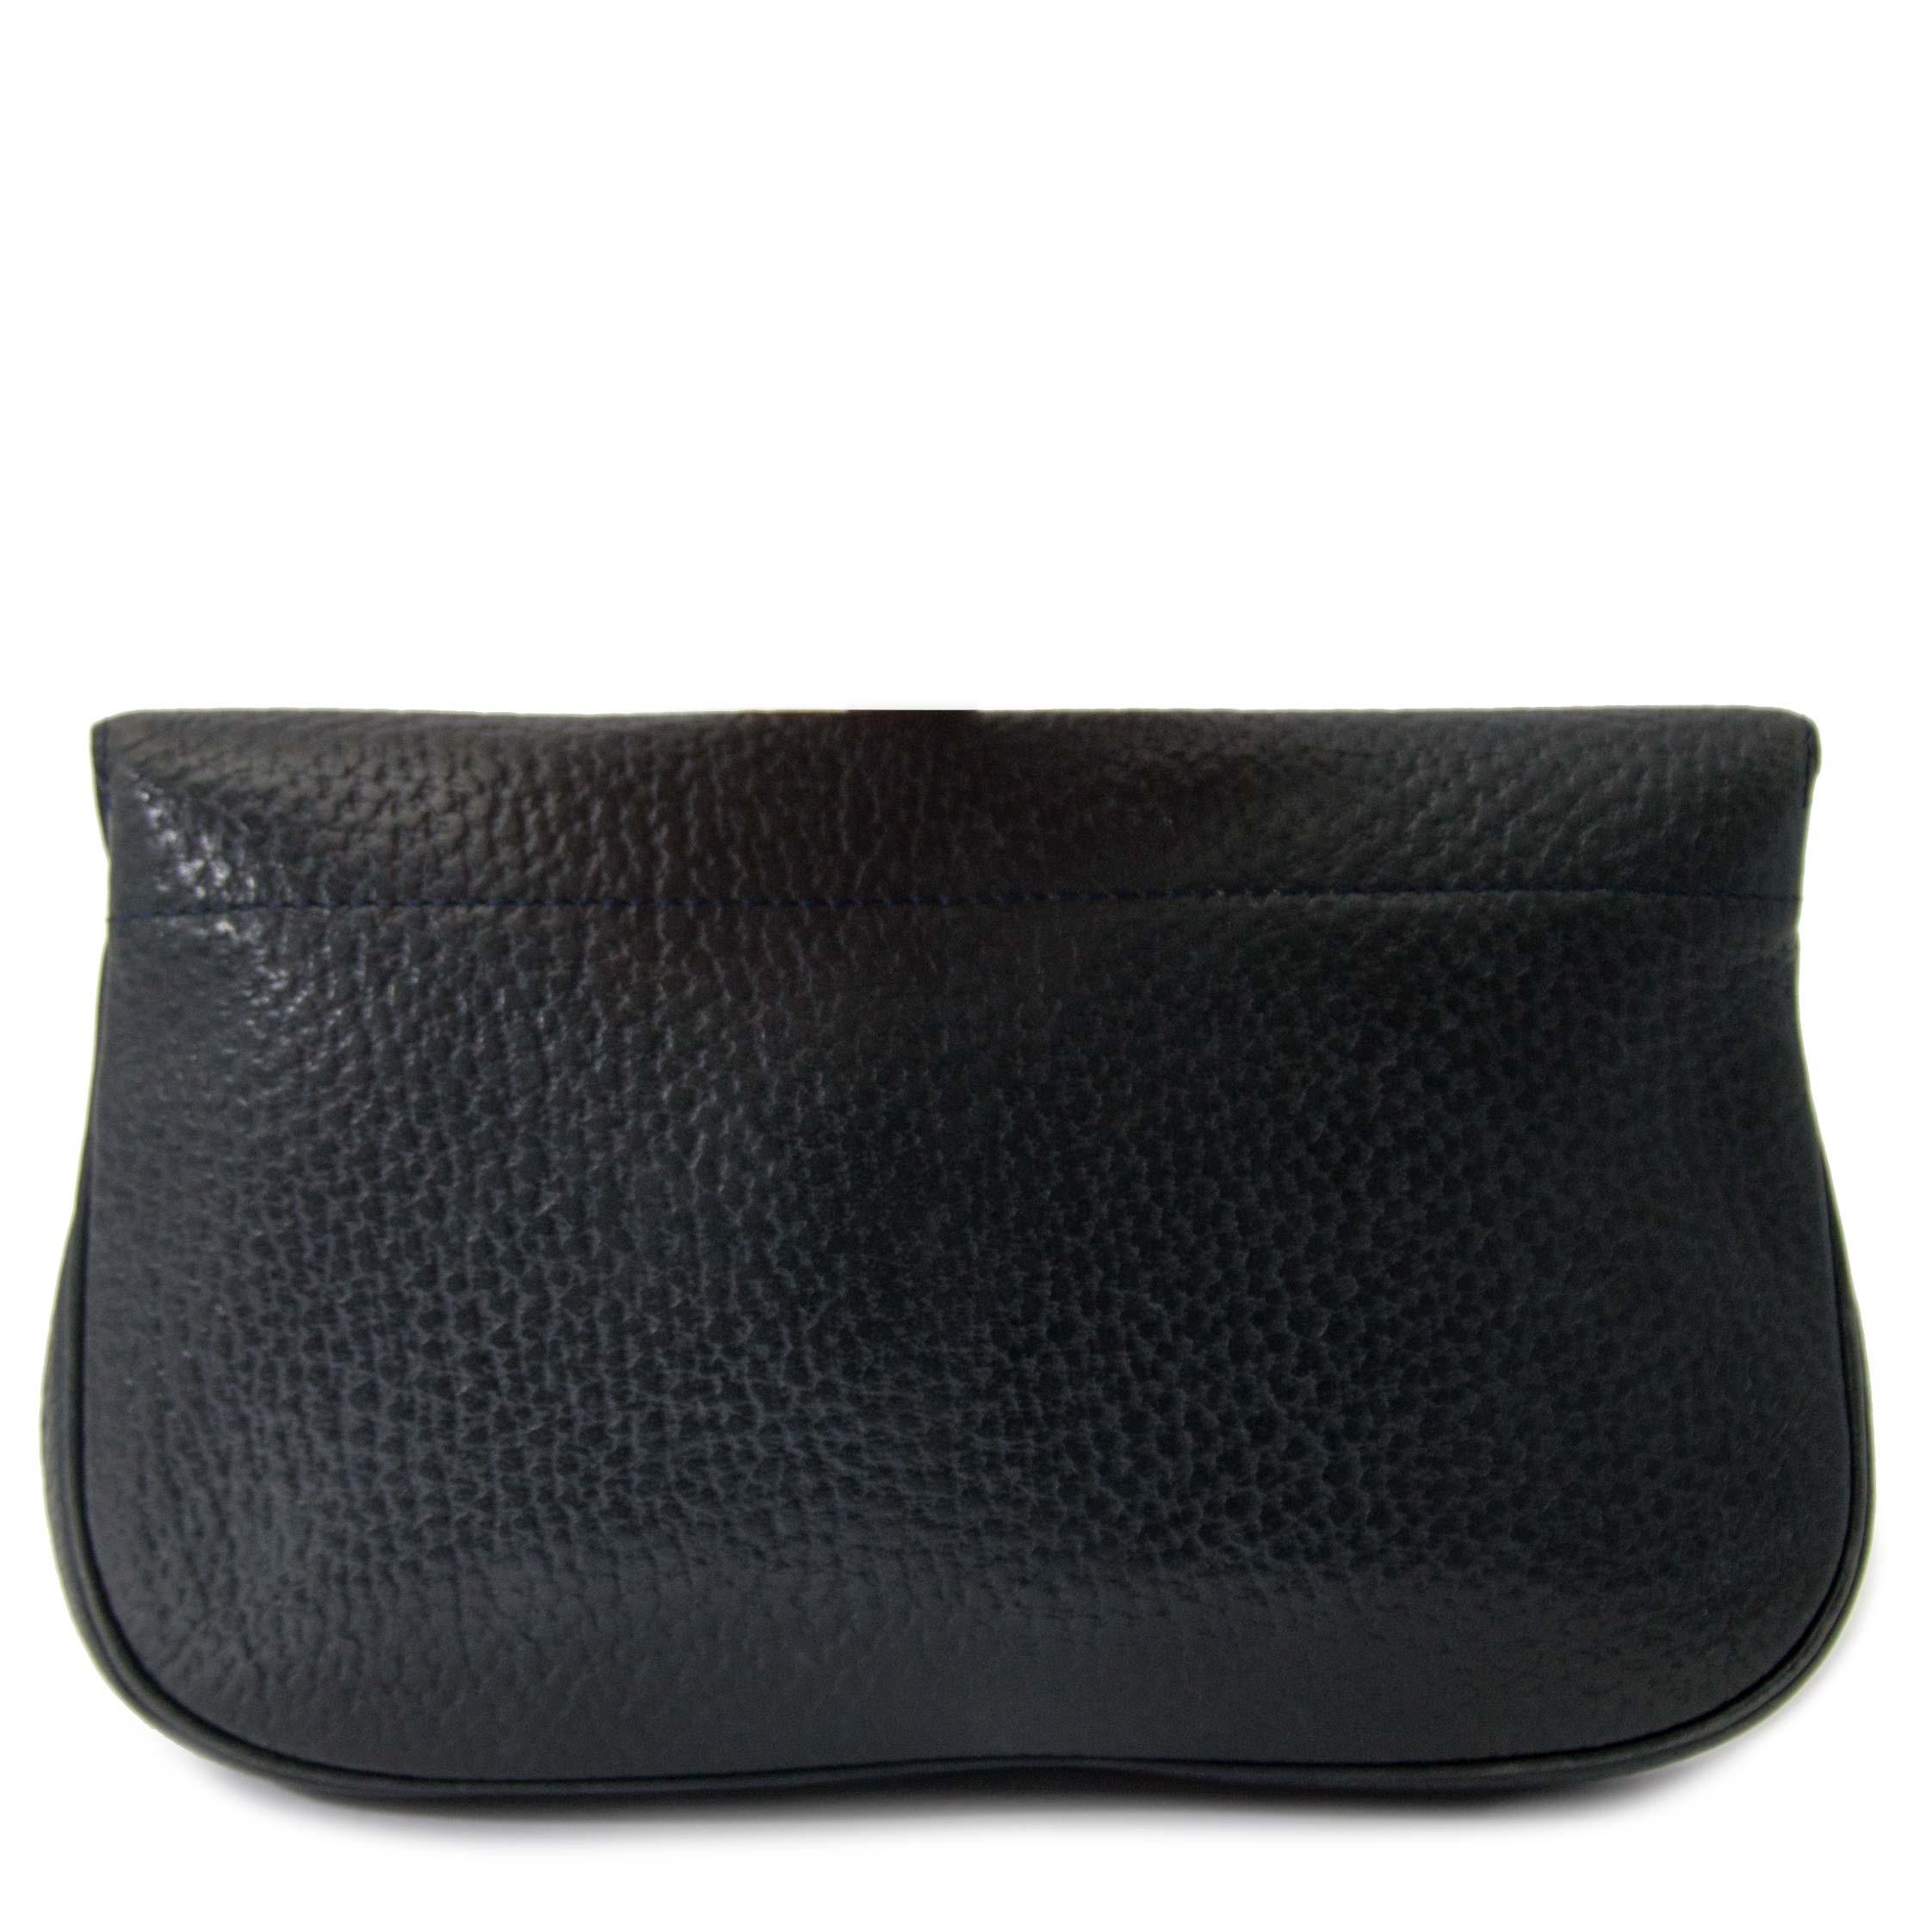 Koop en verkoop uw authentieke designer tassen bij Labellov in Antwerpen